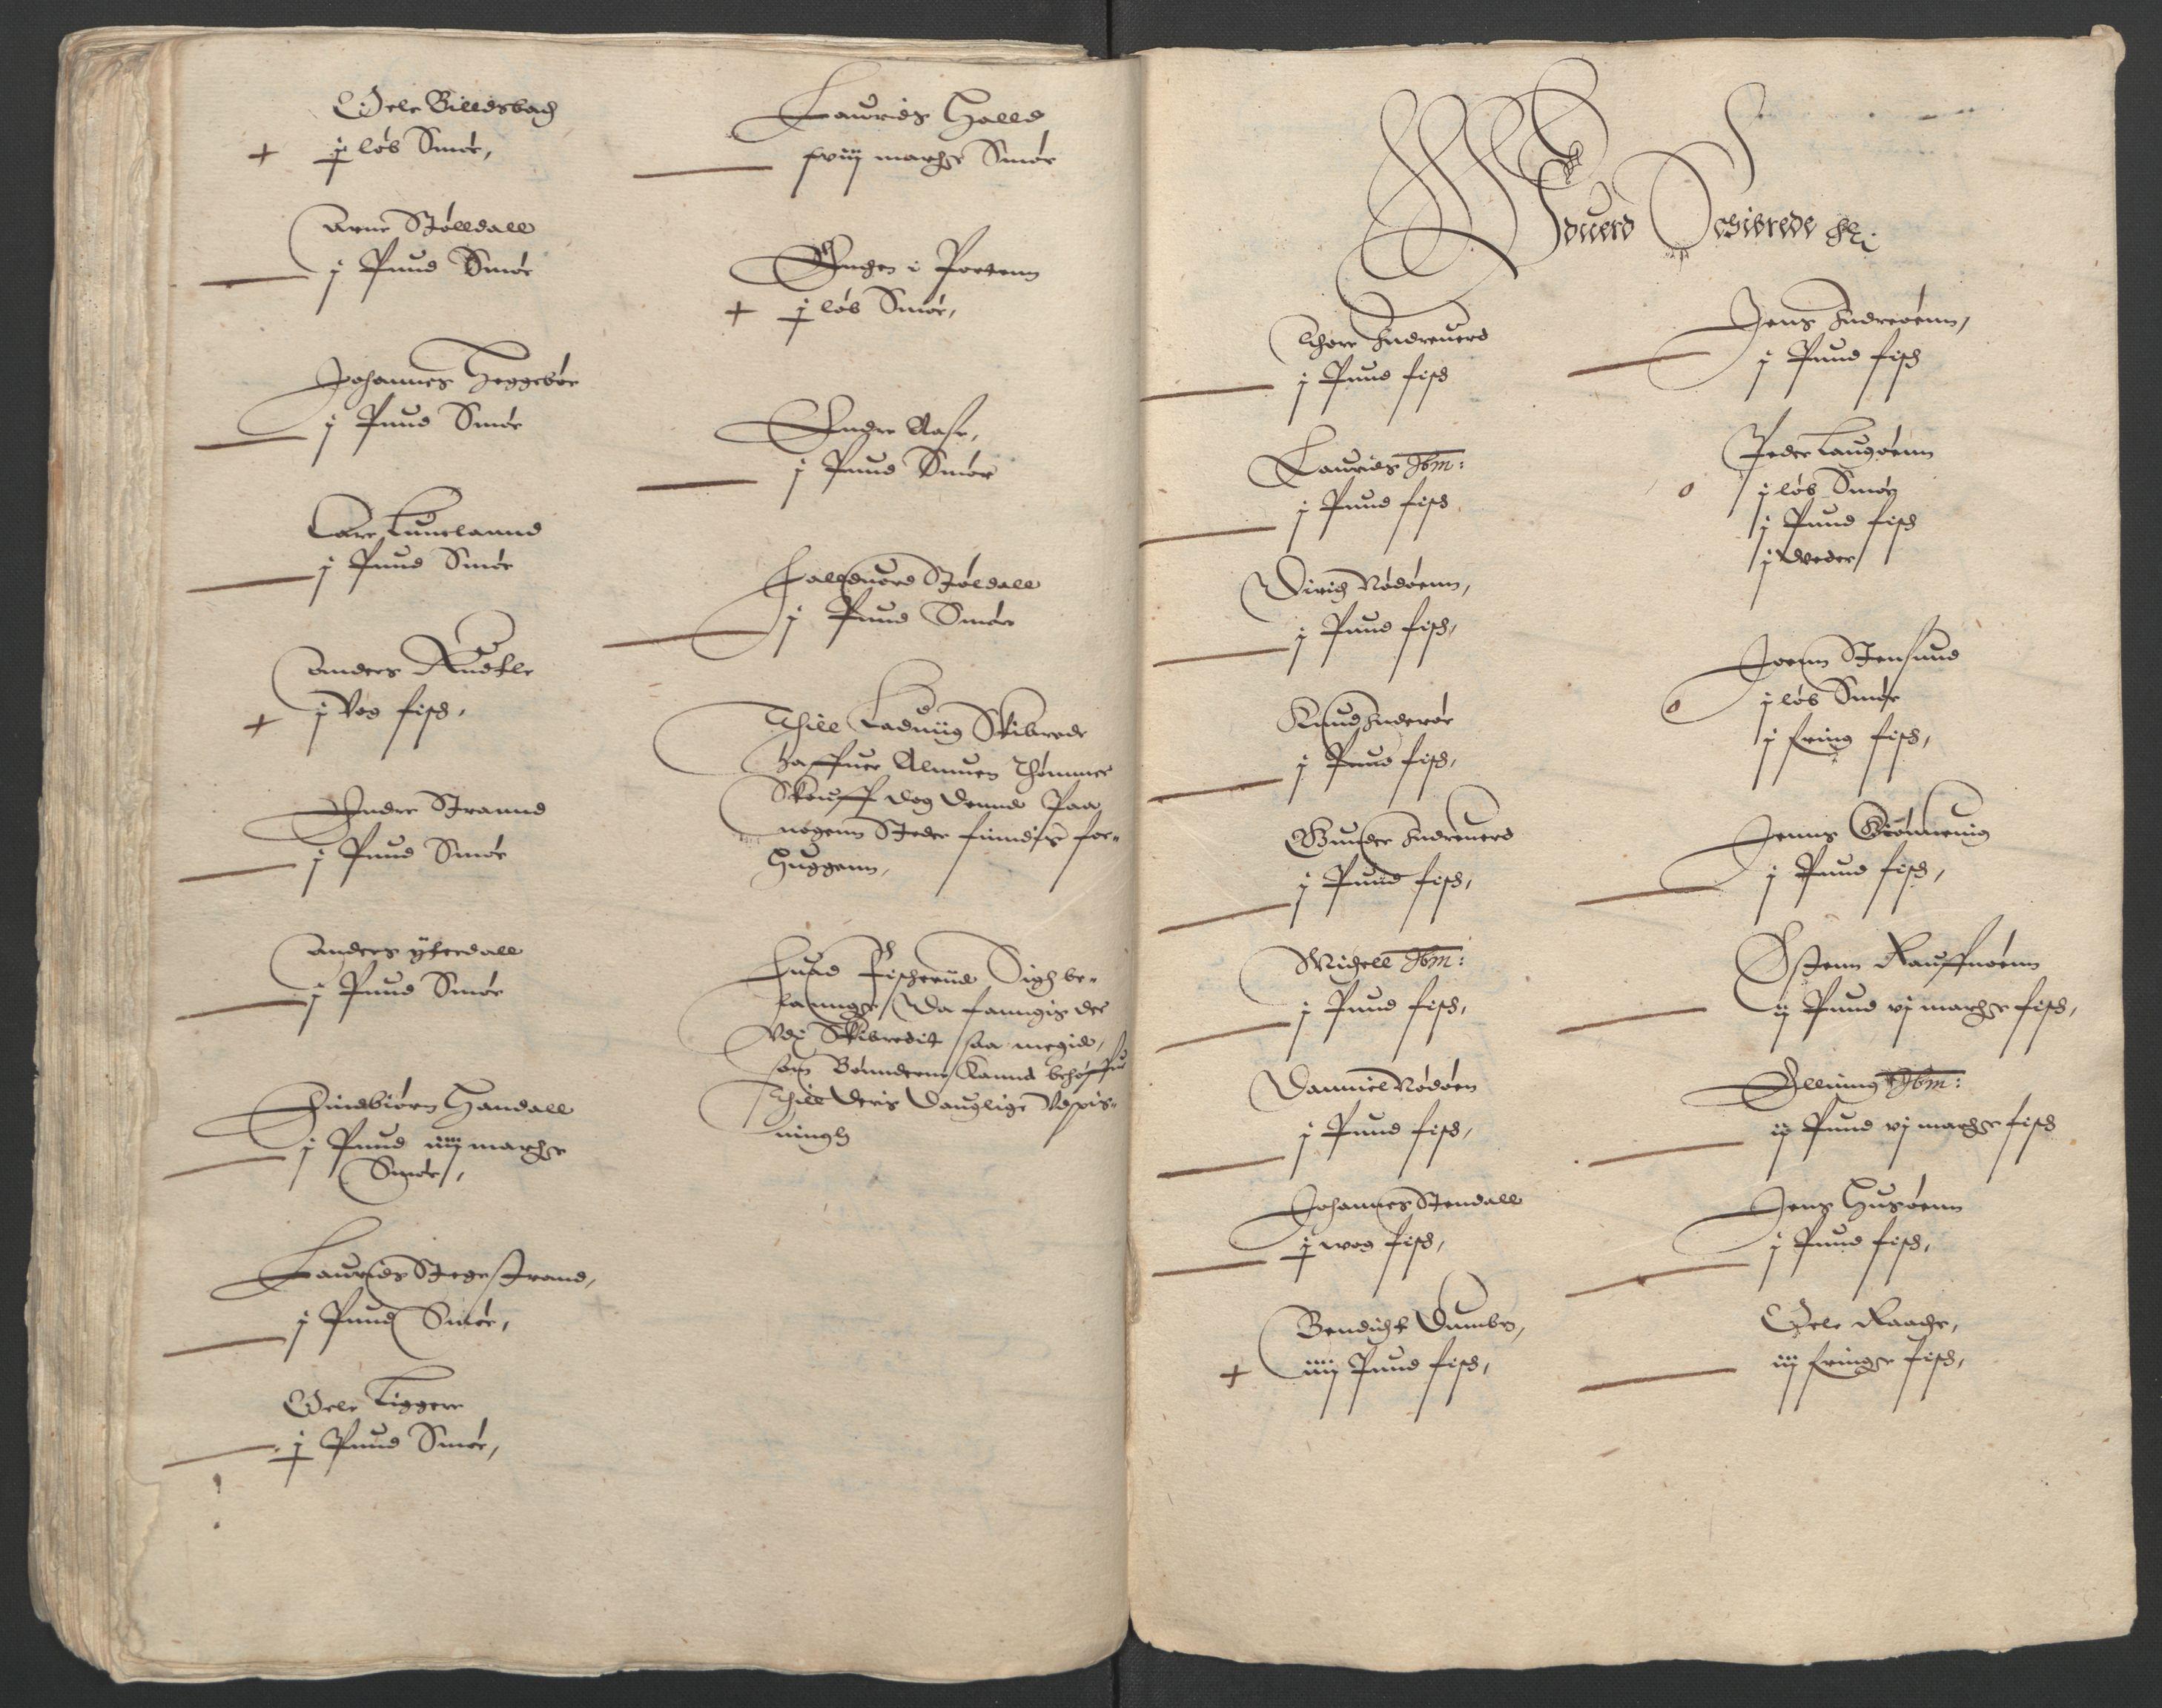 RA, Stattholderembetet 1572-1771, Ek/L0004: Jordebøker til utlikning av garnisonsskatt 1624-1626:, 1626, s. 223